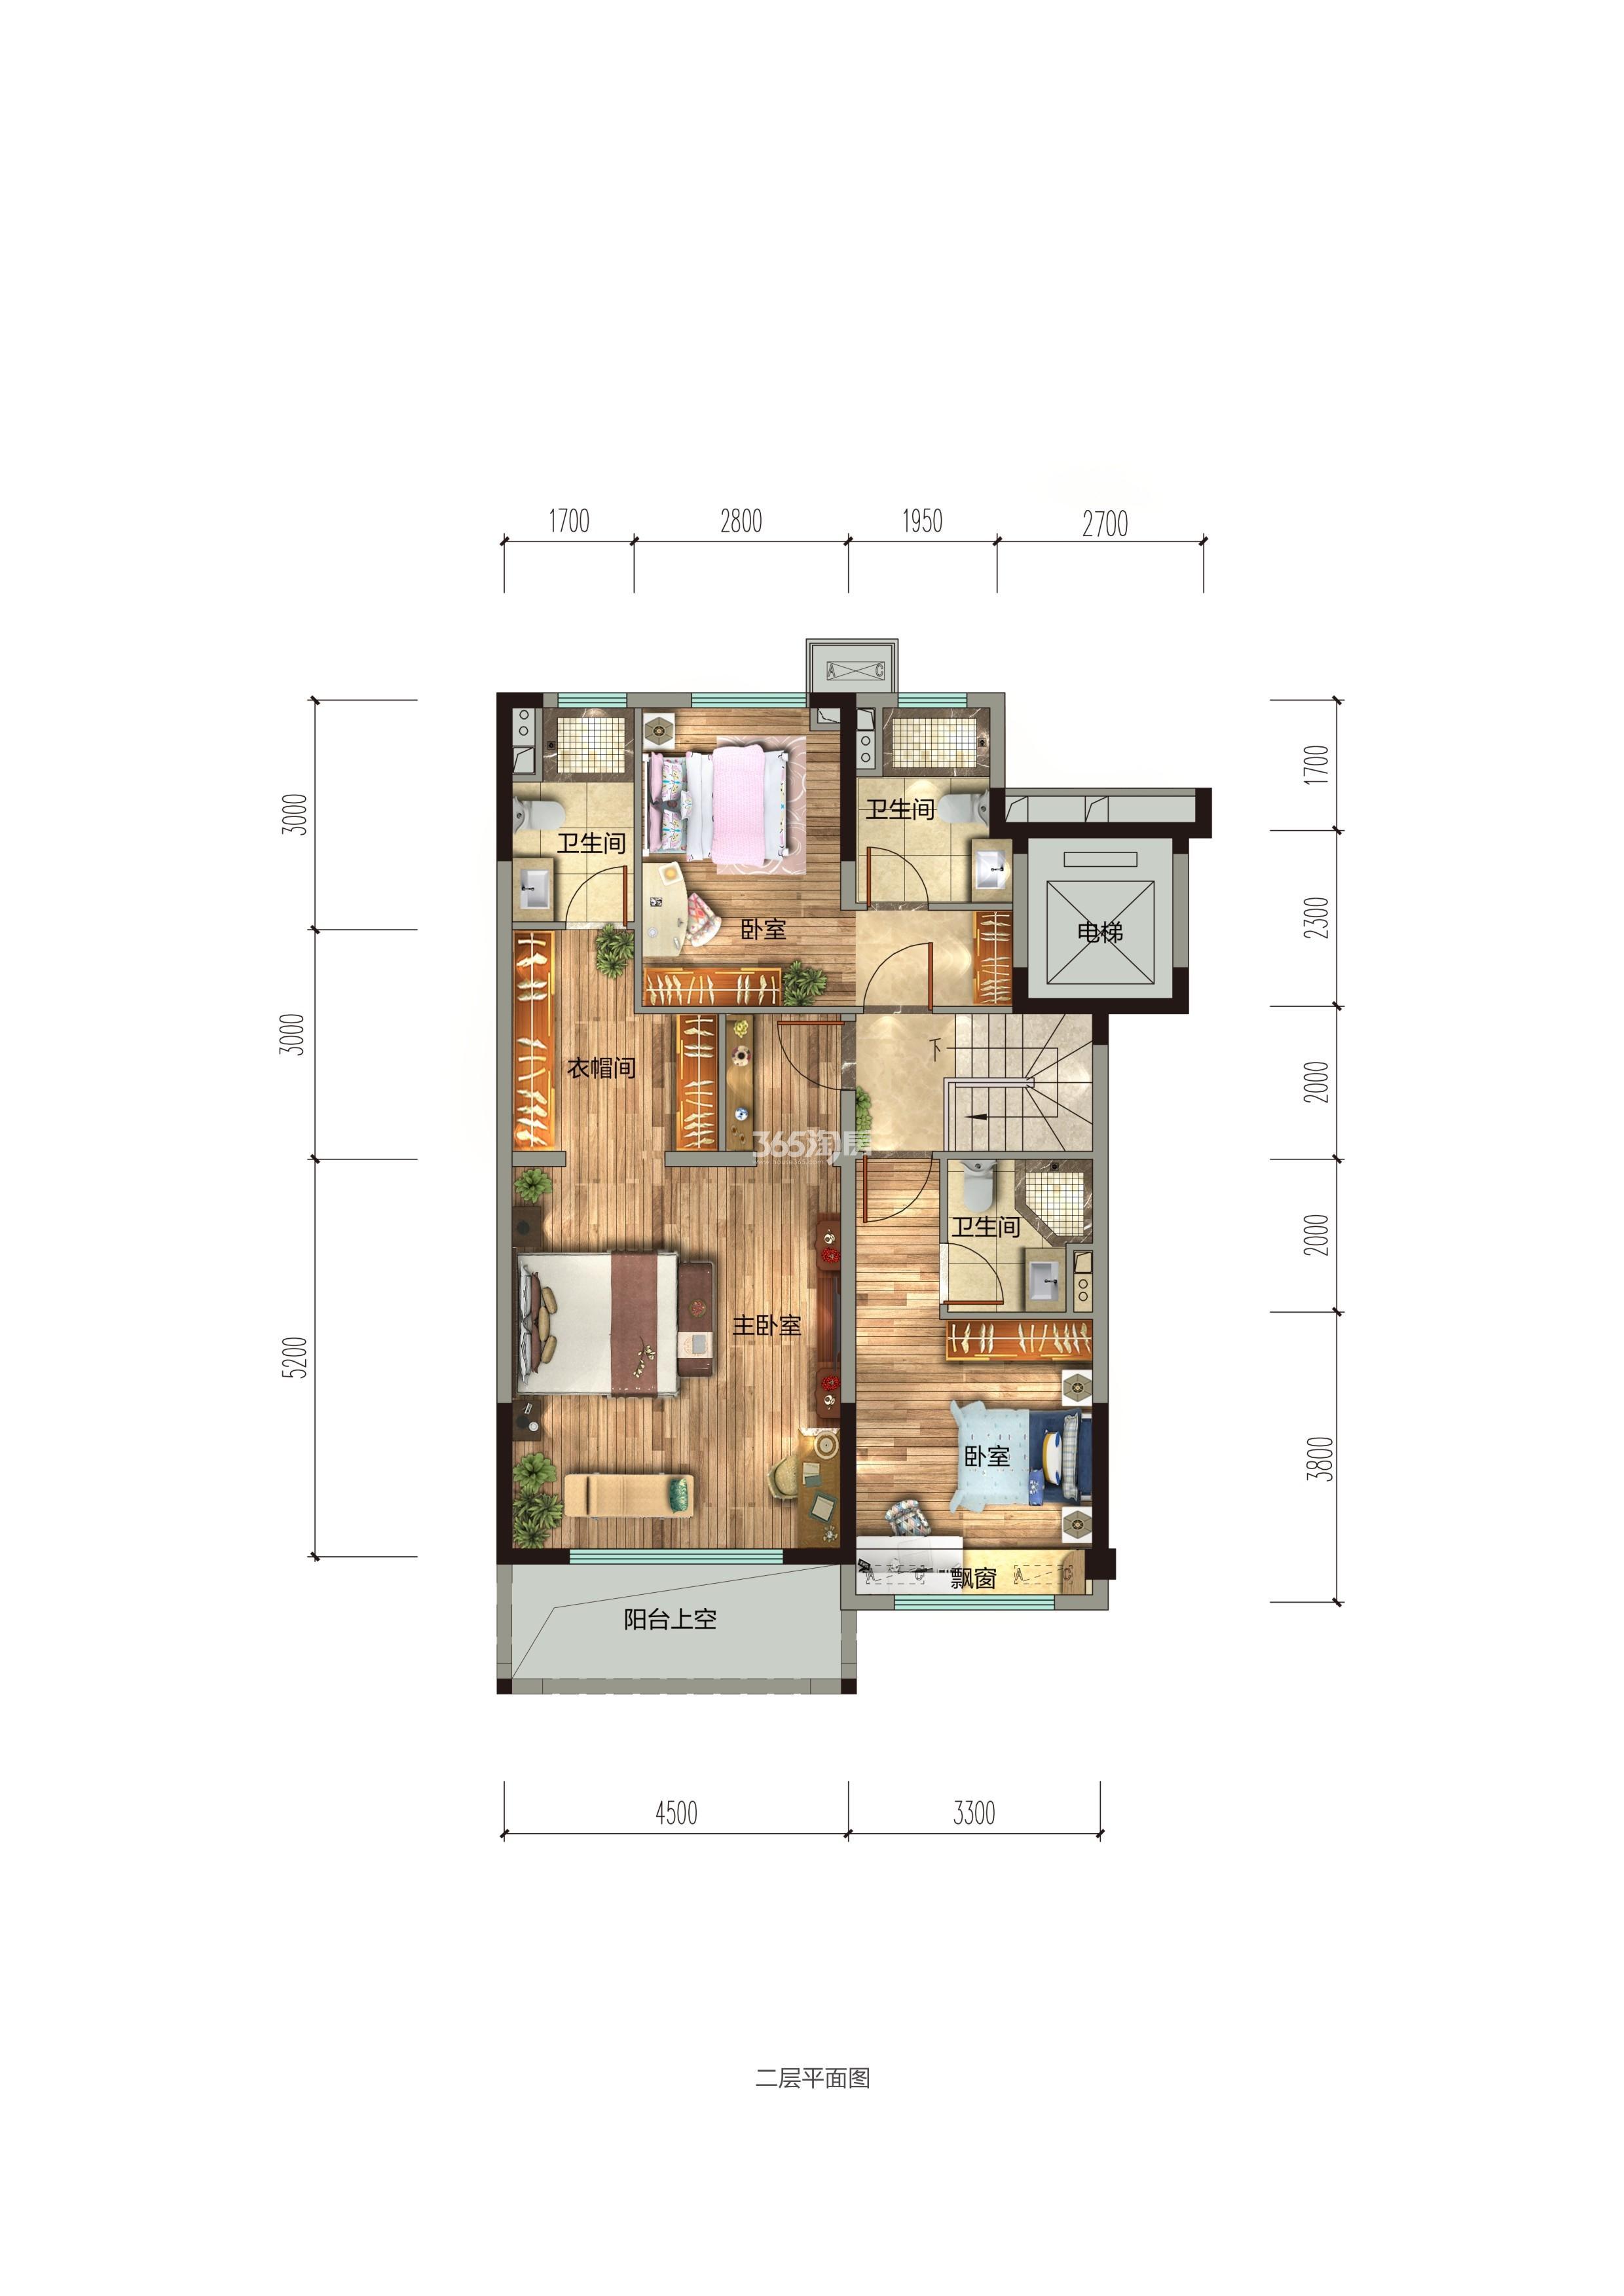 碧桂园香湖湾1号项目157-185㎡下叠(二楼)户型图